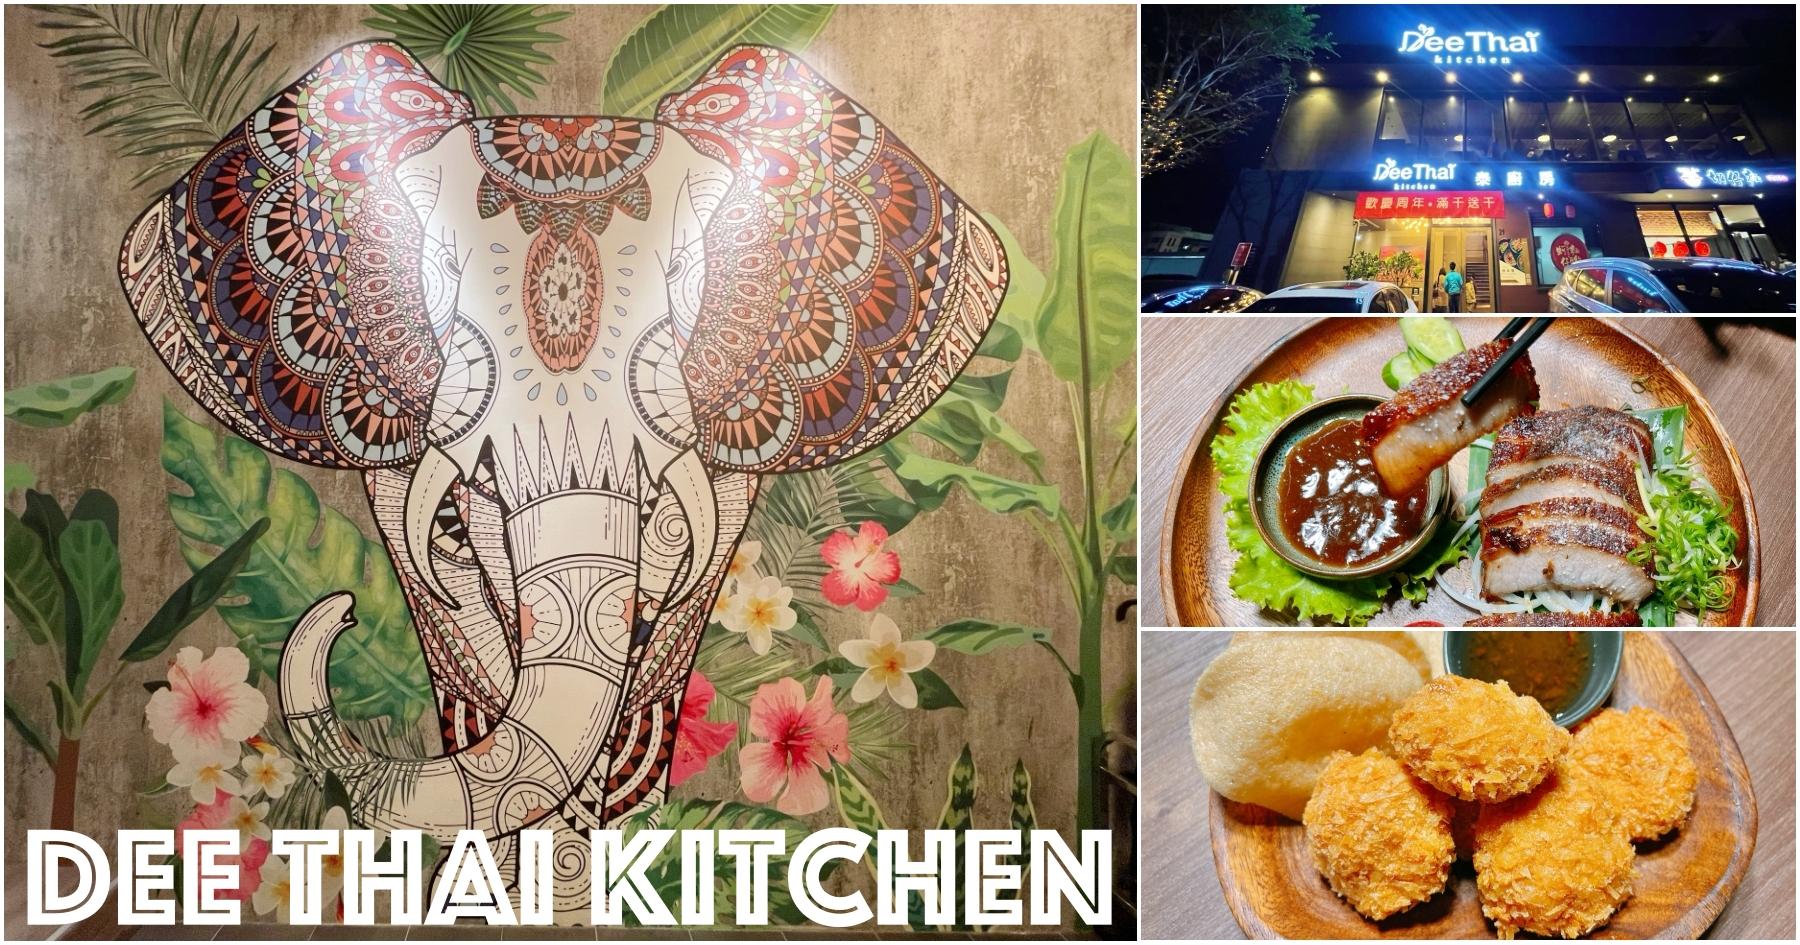 最新推播訊息:[八德美食]Dee Thai Kitchen 泰廚房【八德店】~桃拾廣場內泰式料理.環境優美